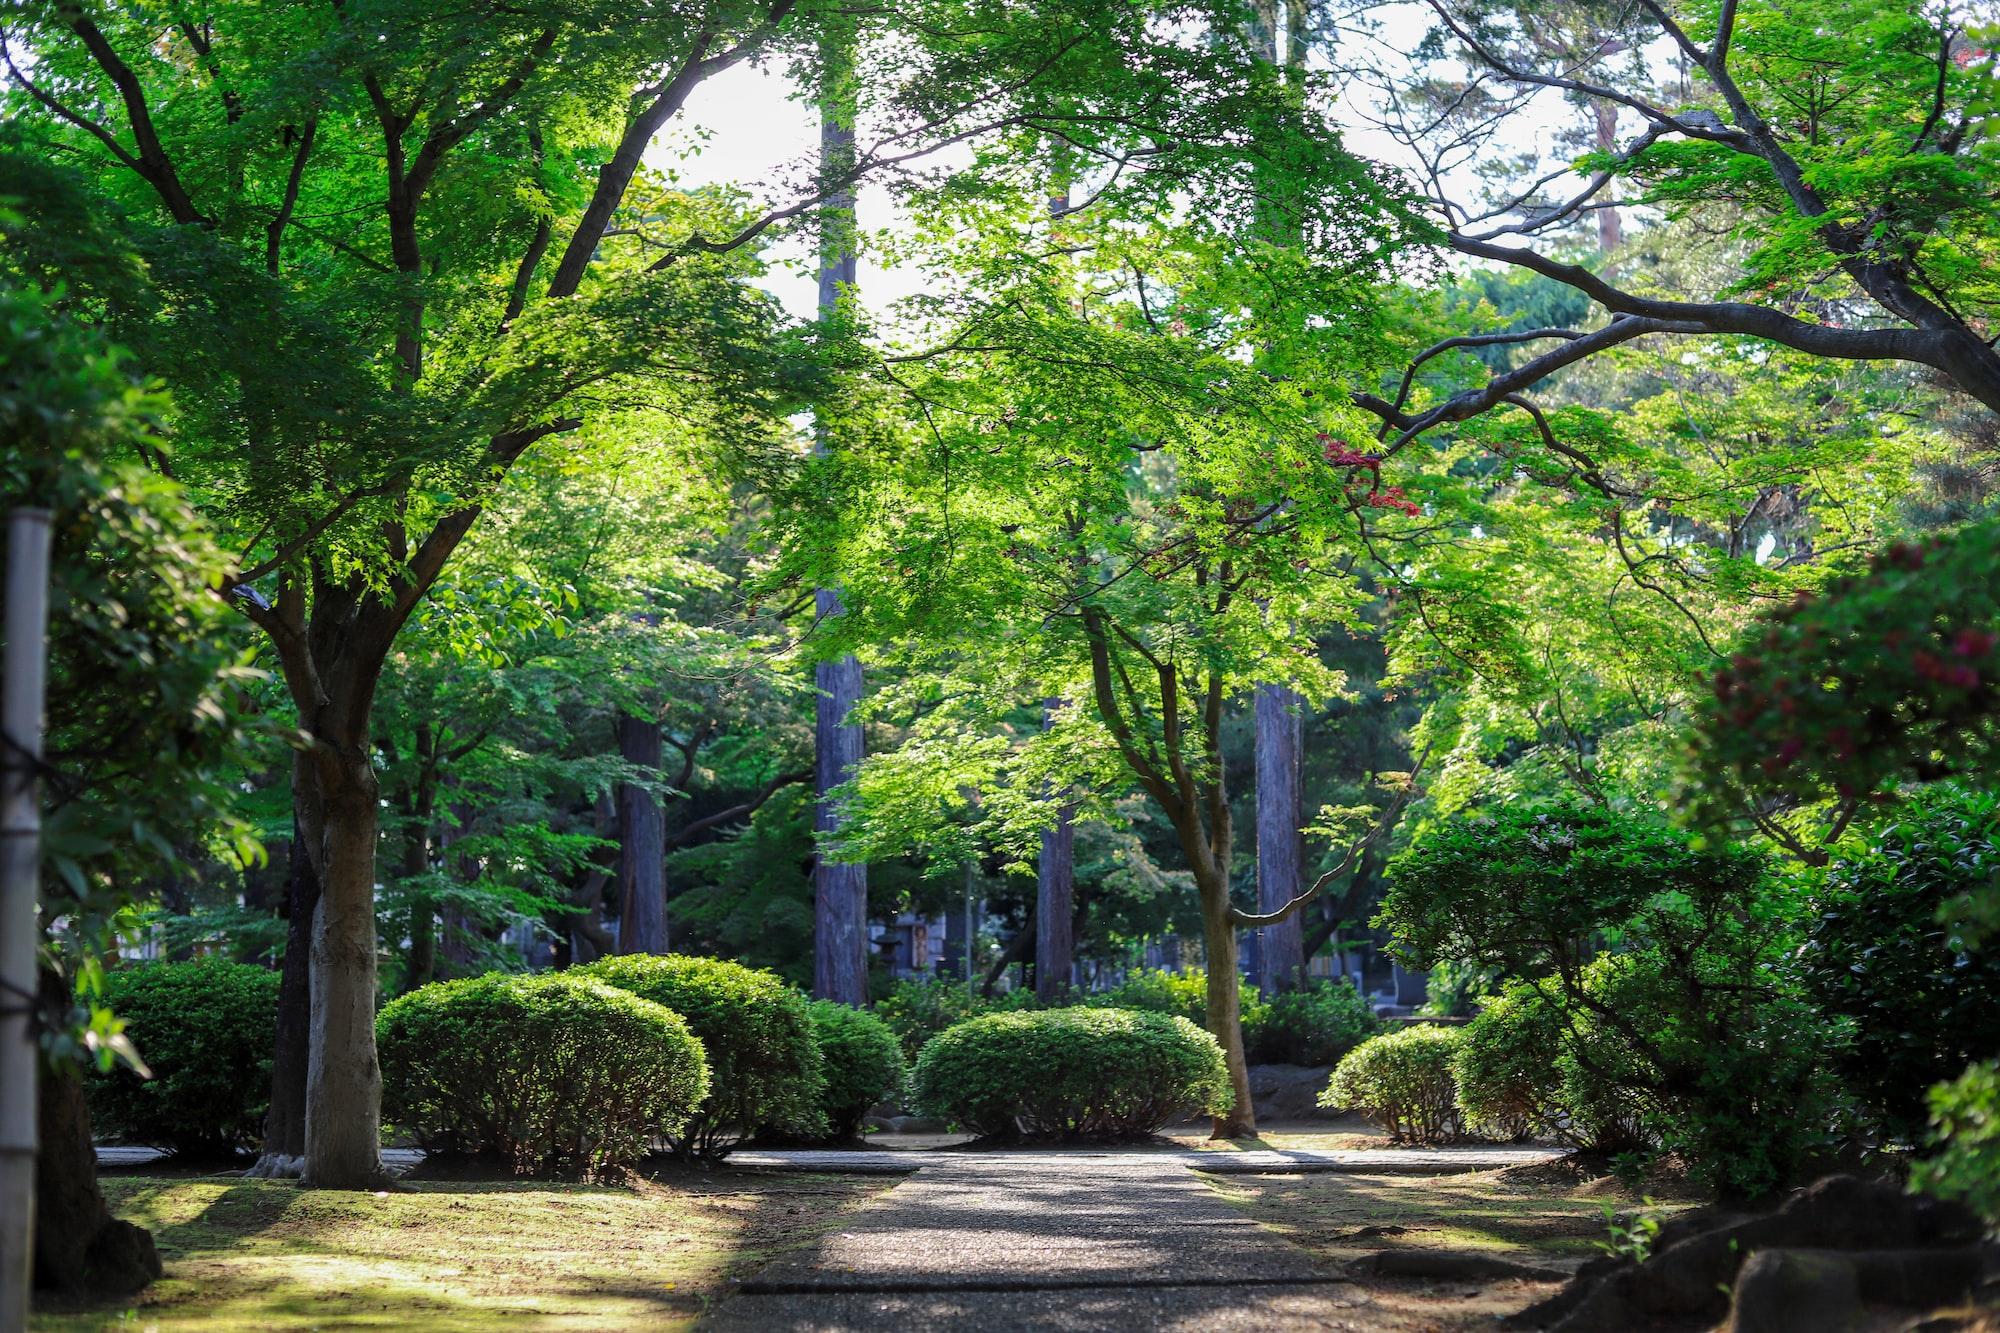 Heritage Garden Rechristened as Atal Bihari Vajpayee Udyan!